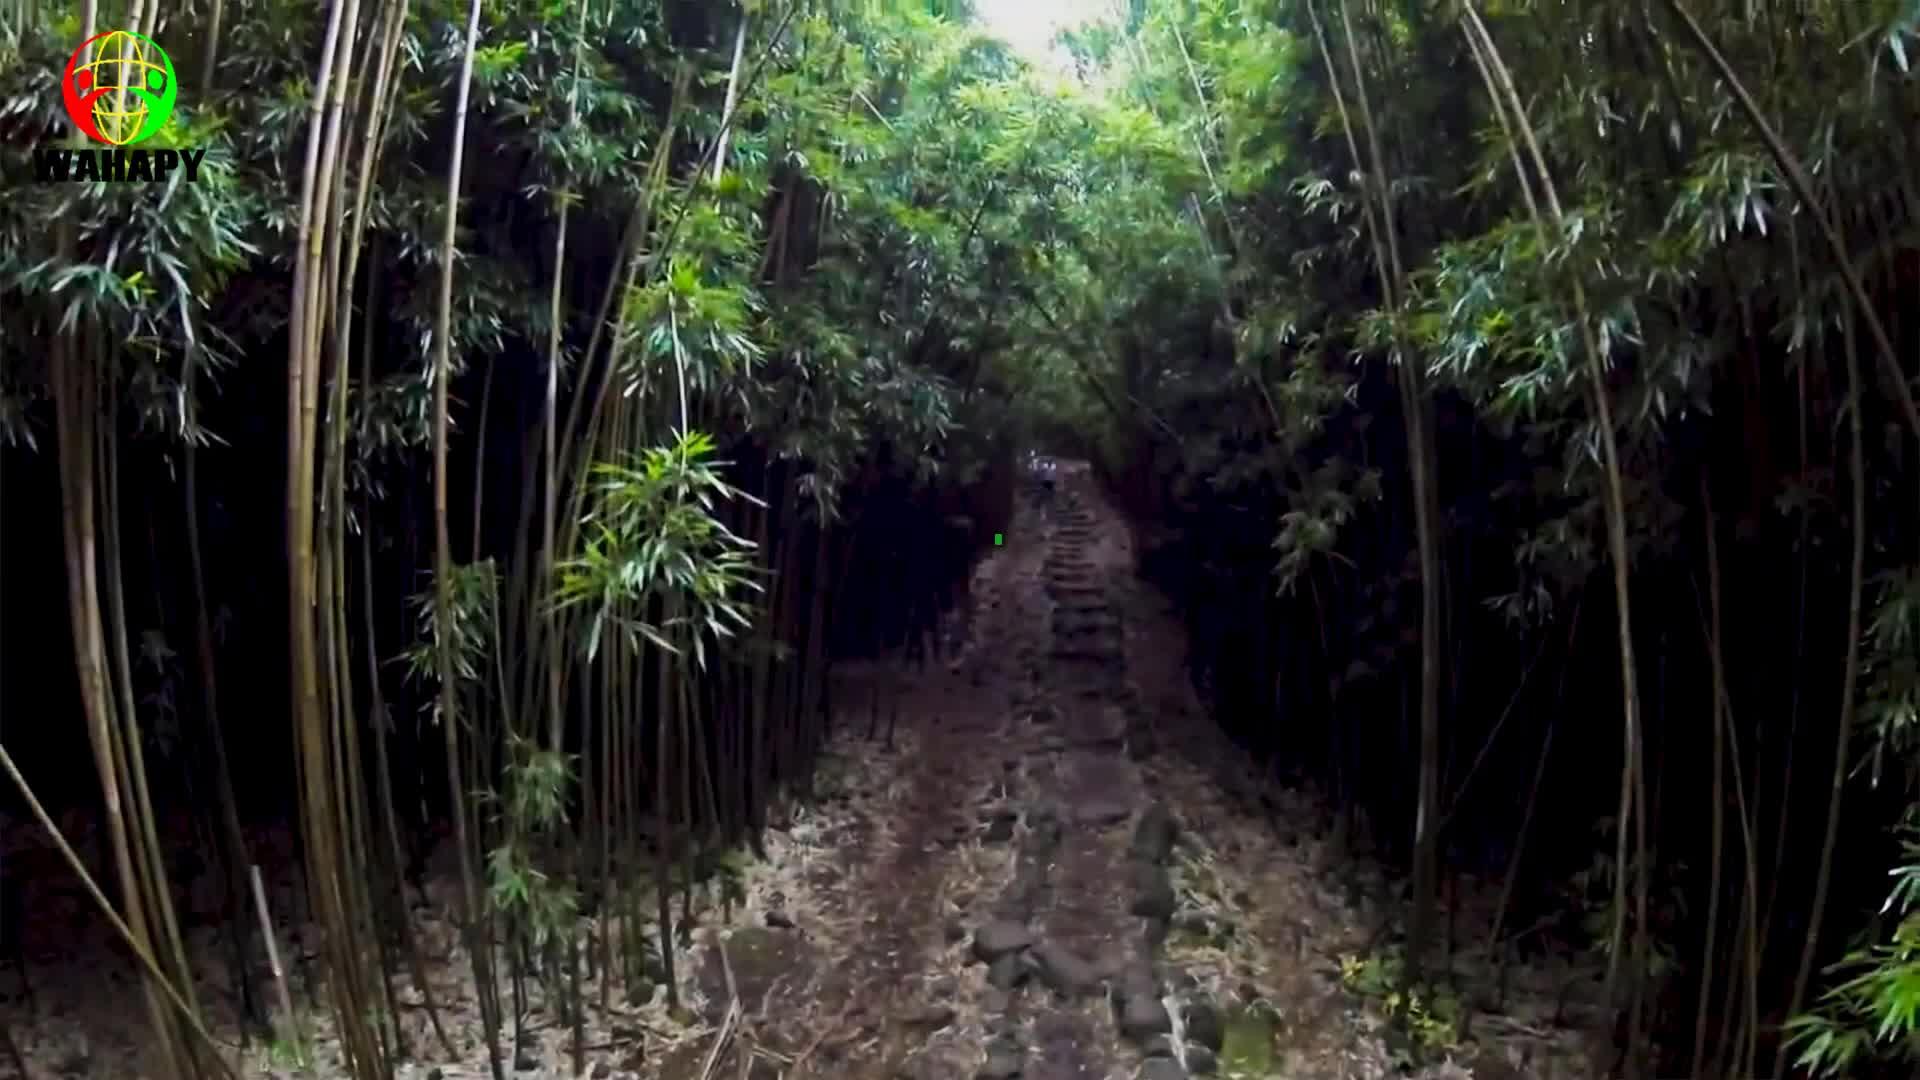 Tercih edilen tedarikçi % 2019 doğal kullanımlık bambu pipet çevre dostu çevre biyobozunur yapılan Wahapy payet